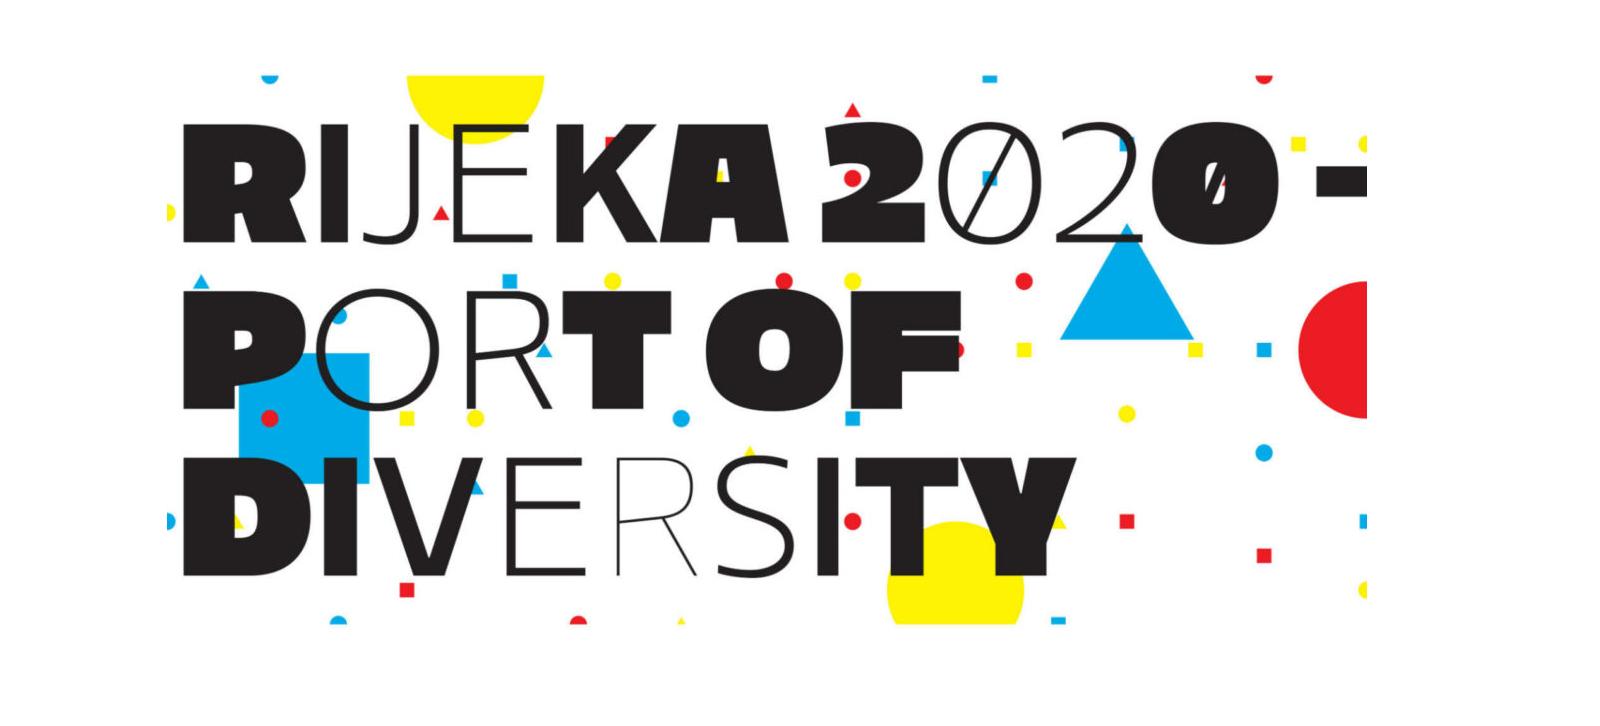 Rijeka2020